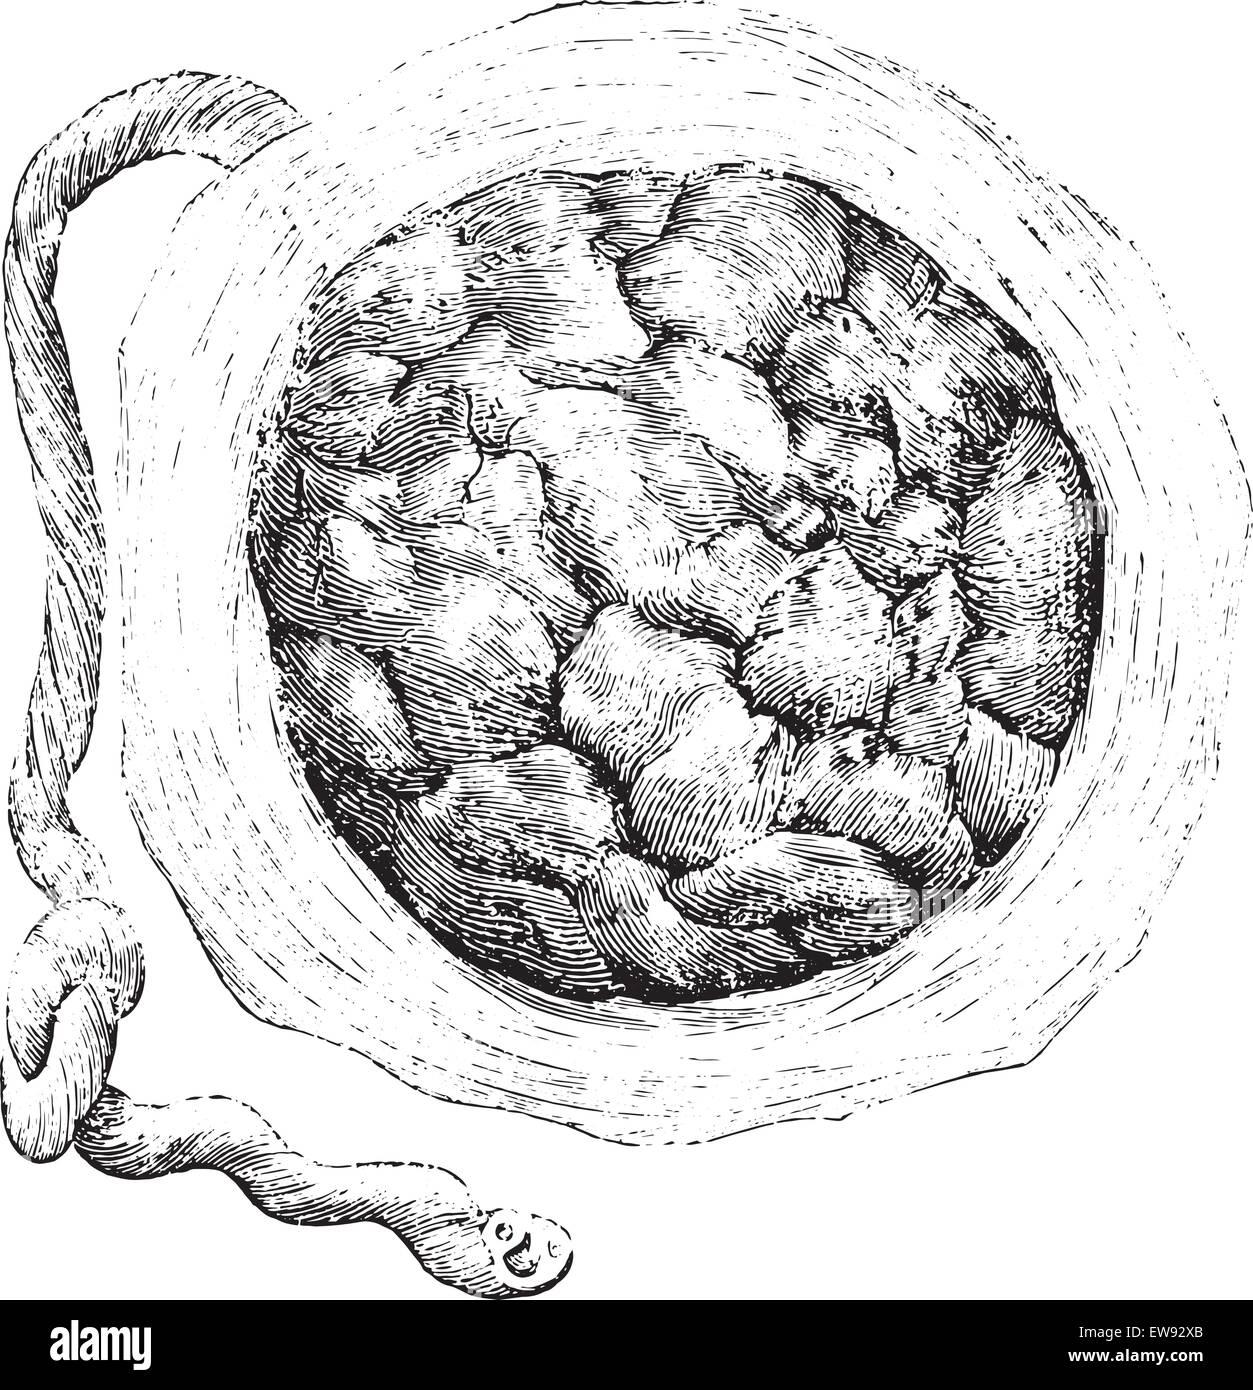 Placenta (external or uterine side), vintage engraved illustration. Usual Medicine Dictionary by Dr Labarthe - 1885. - Stock Image